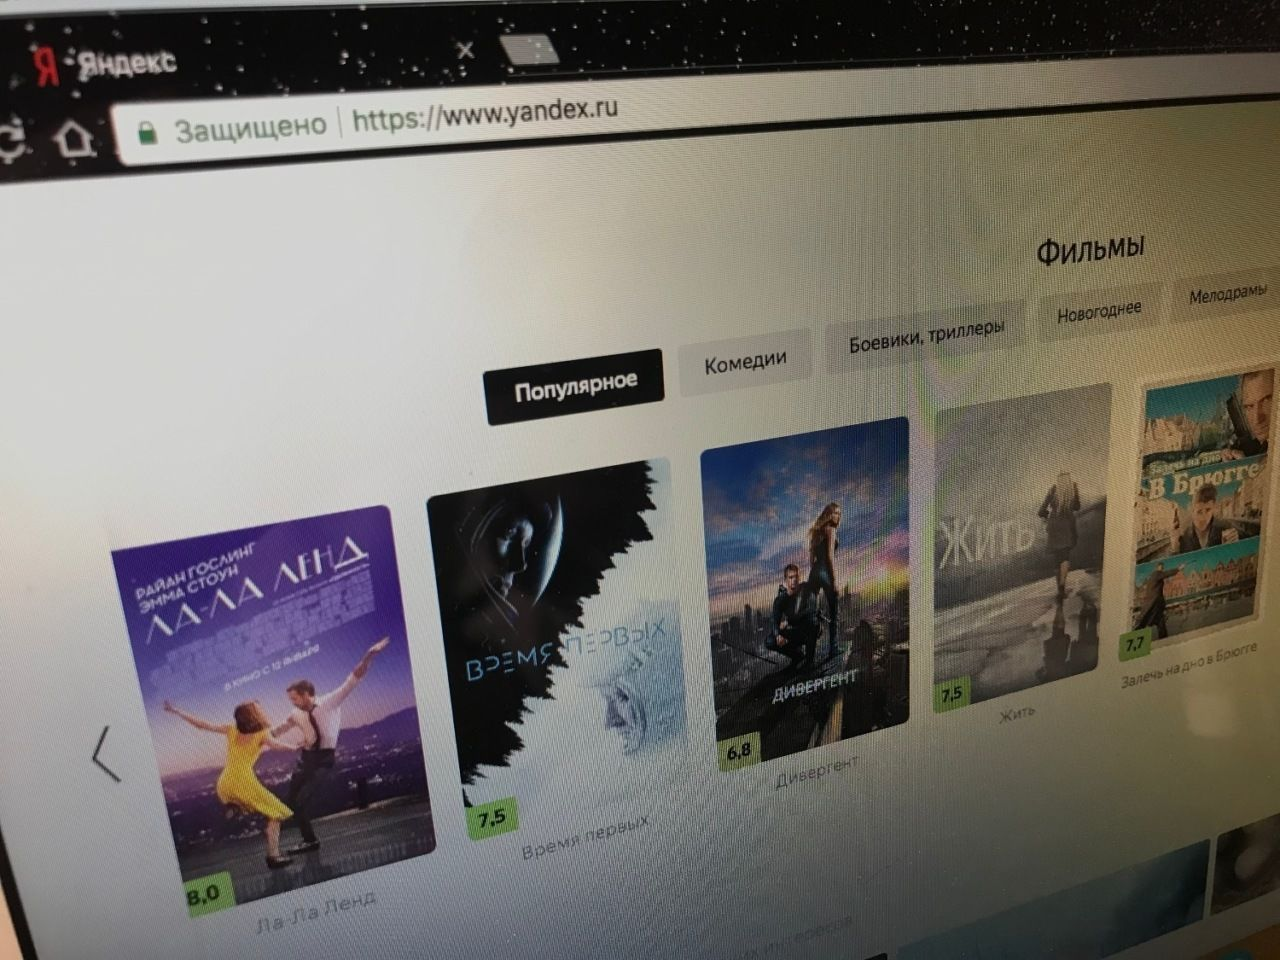 'Яндекс в начале 2018 года добавил страницу поиска фильмы и сериалы компания закупила лицензии на показ нескольких тысяч